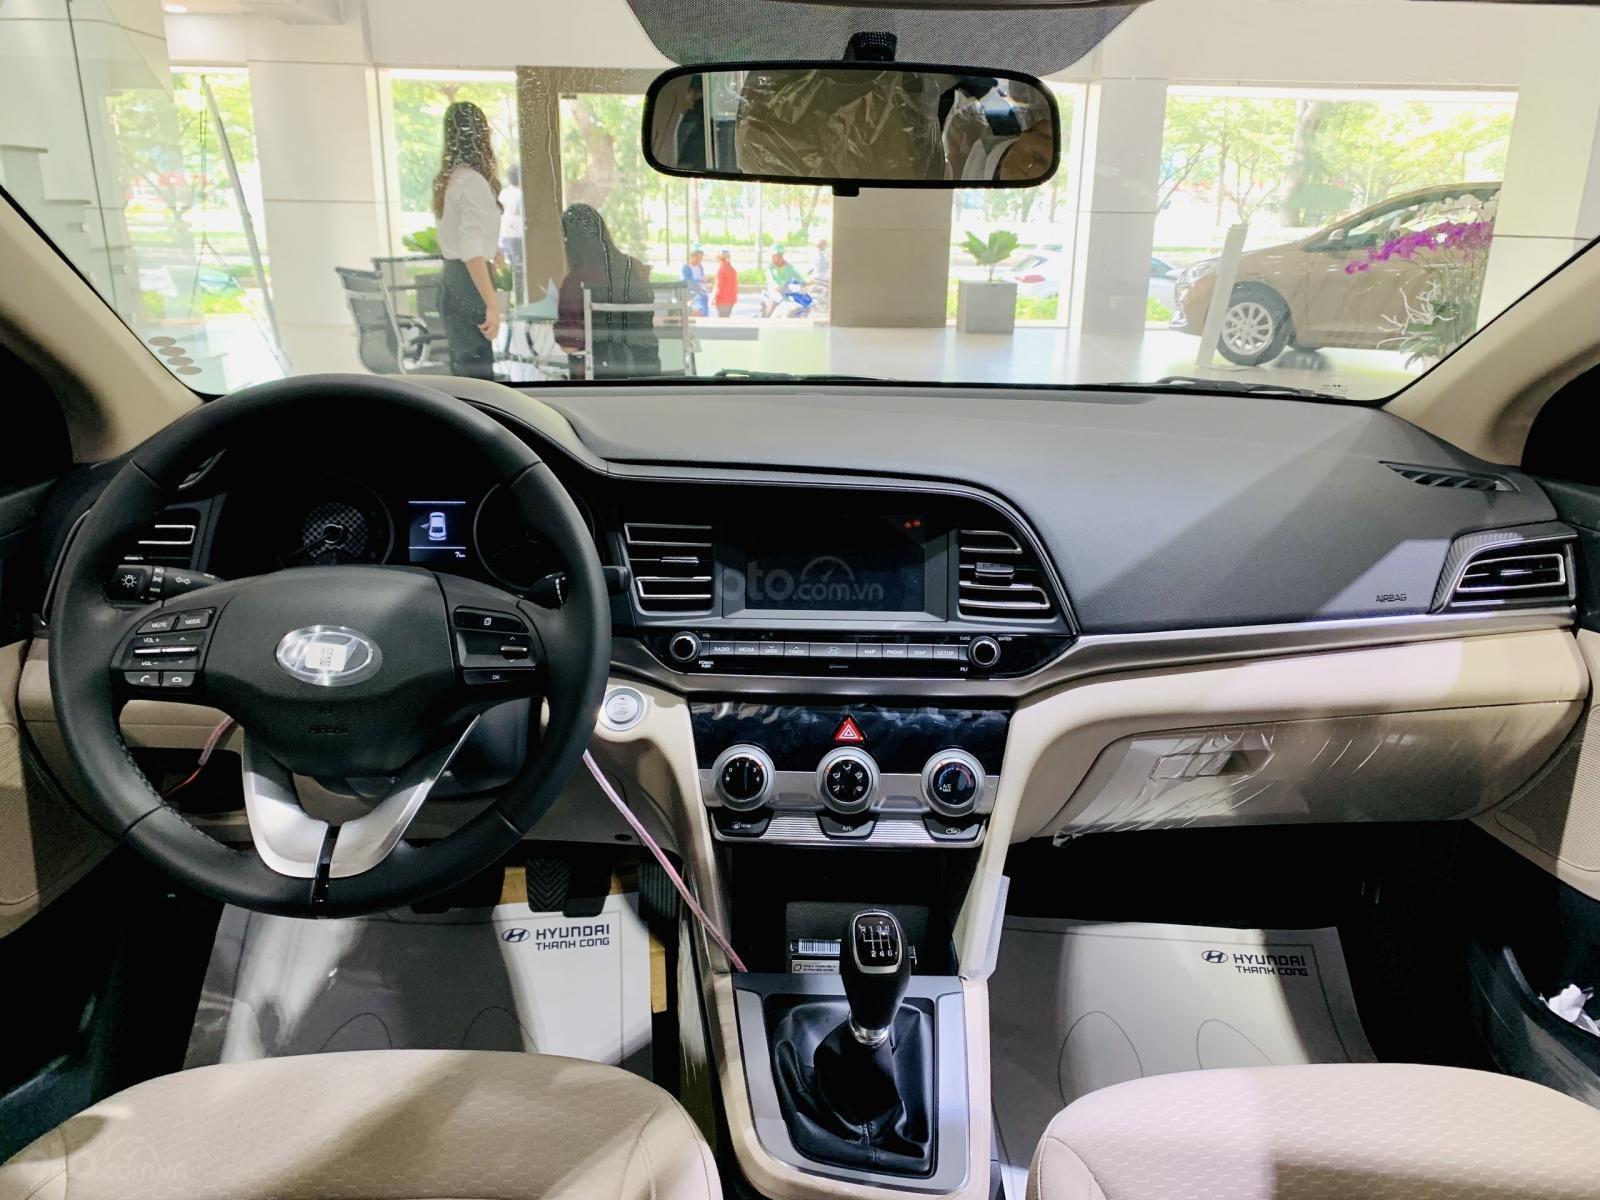 Hyundai Elantra giá bán cạnh tranh, khuyến mãi quà tặng phụ kiện giá trị thật, xe sẵn giao ngay (11)